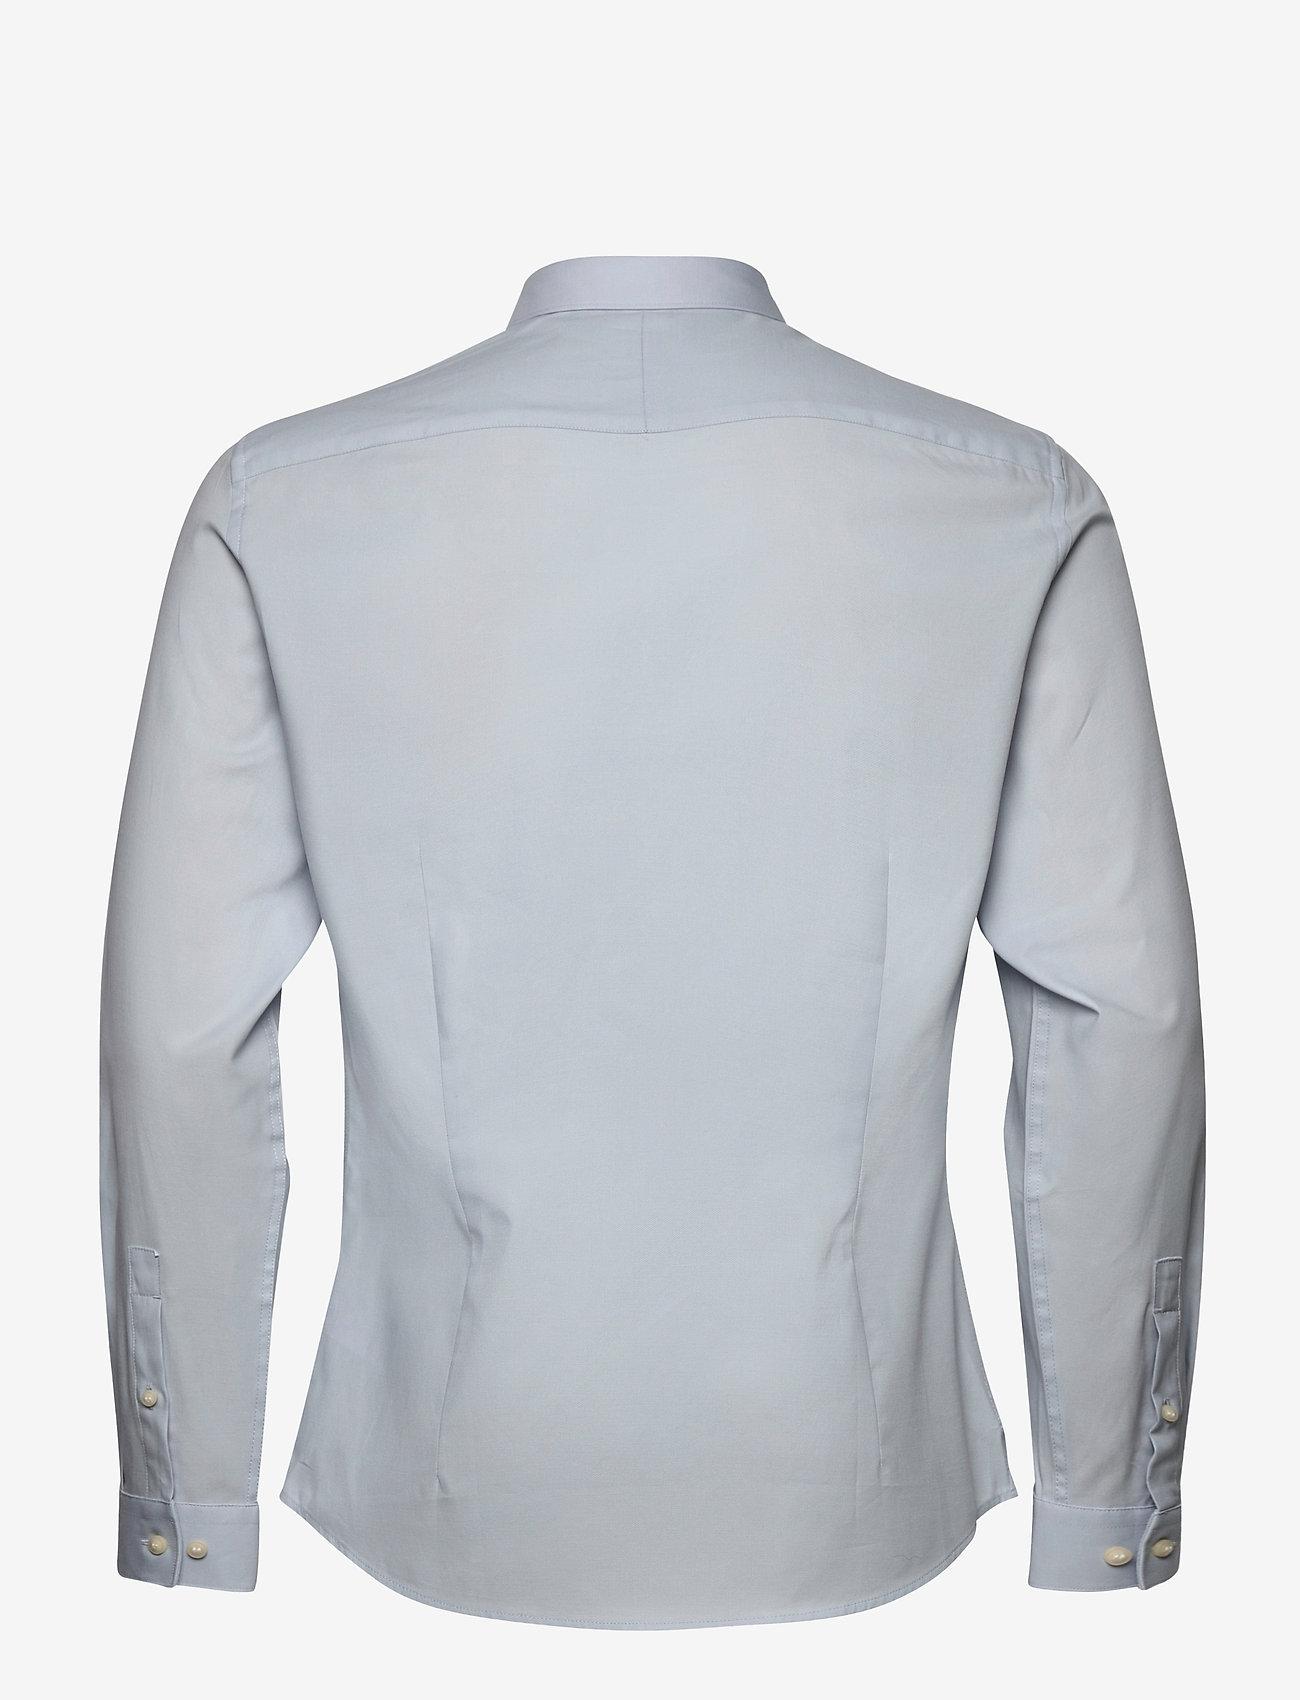 Tiger of Sweden - FILBRODIE - basic skjorter - light blue - 1